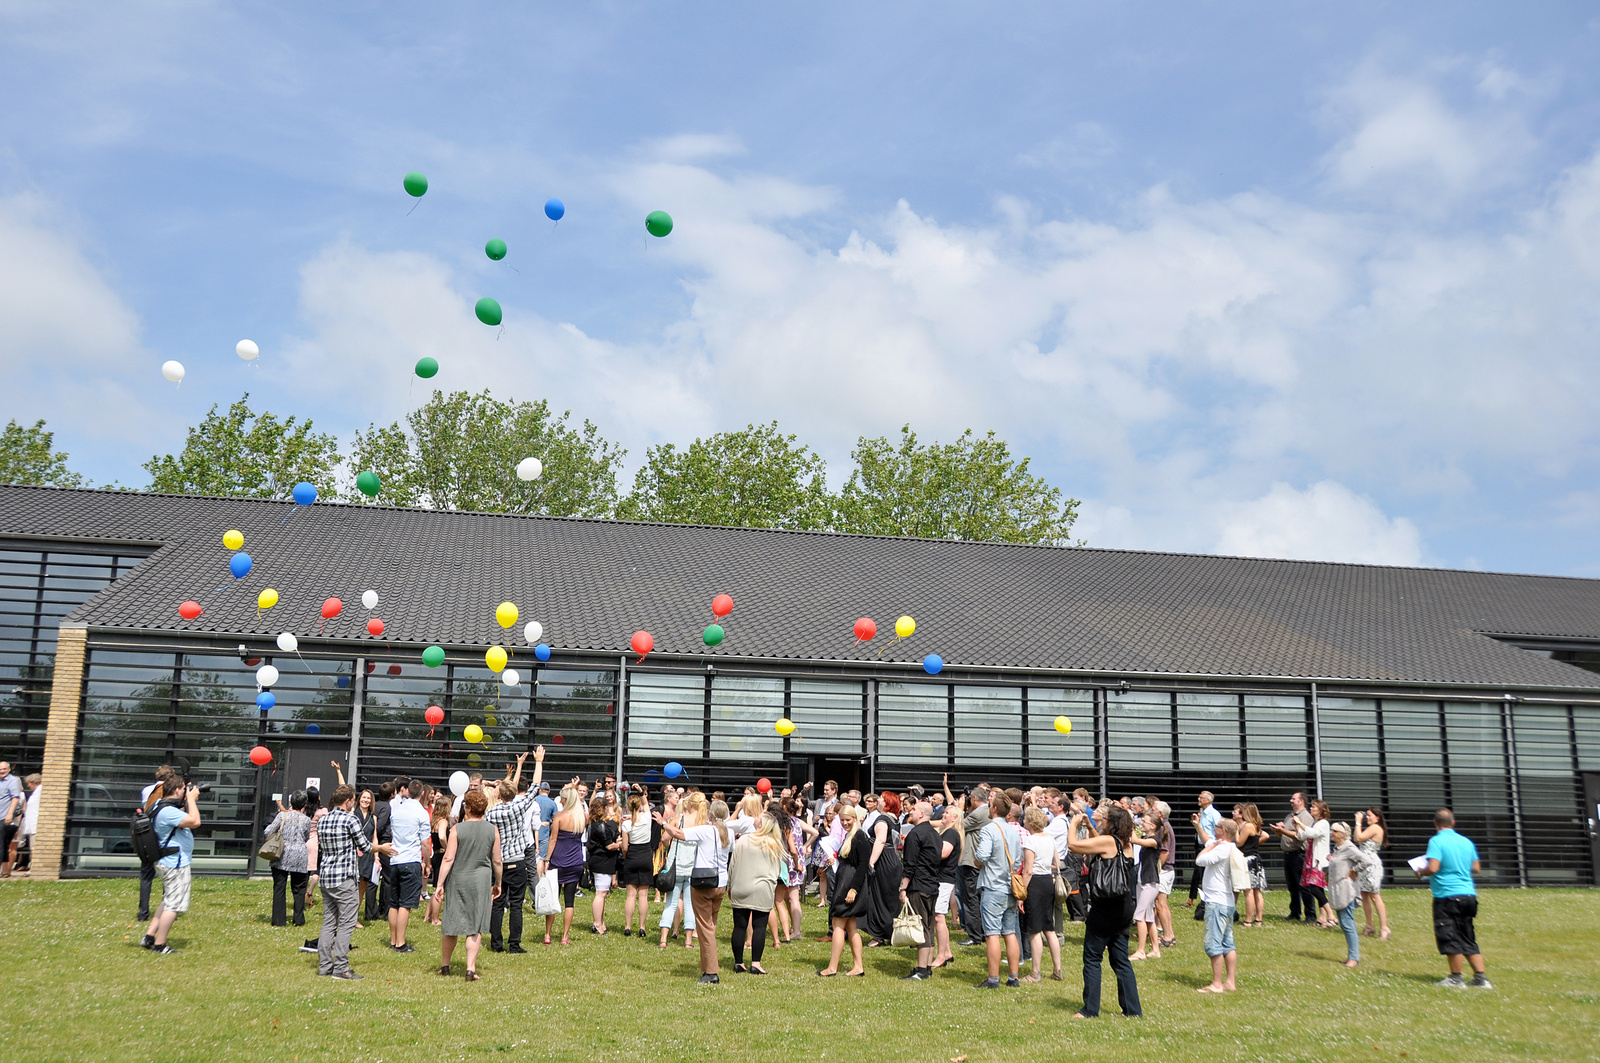 Kampus cphbusiness v dánském městě Lyngby